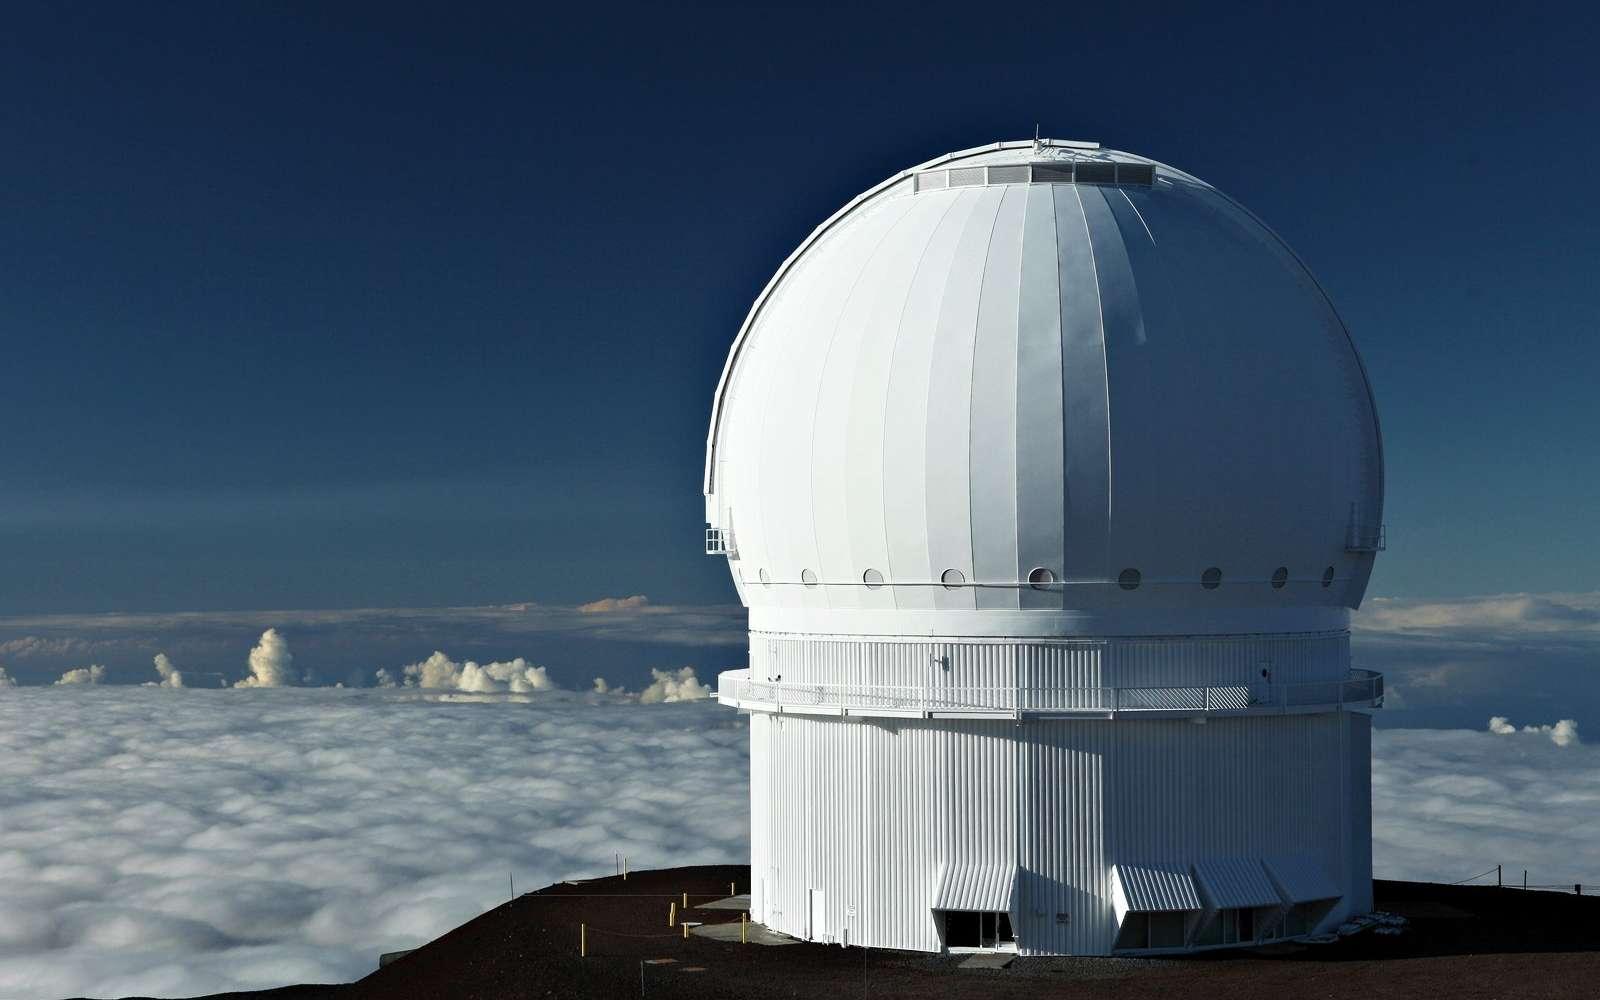 Sur cette photo, on voit le dôme de l'observatoire Canada-France-Hawaï (en anglais Canada-France-Hawaii Telescope, abrégé en CFHT). C'est un observatoire astronomique implanté près du sommet du Mauna Kea, à Hawaï, à une altitude de 4.204 m. © CFHT